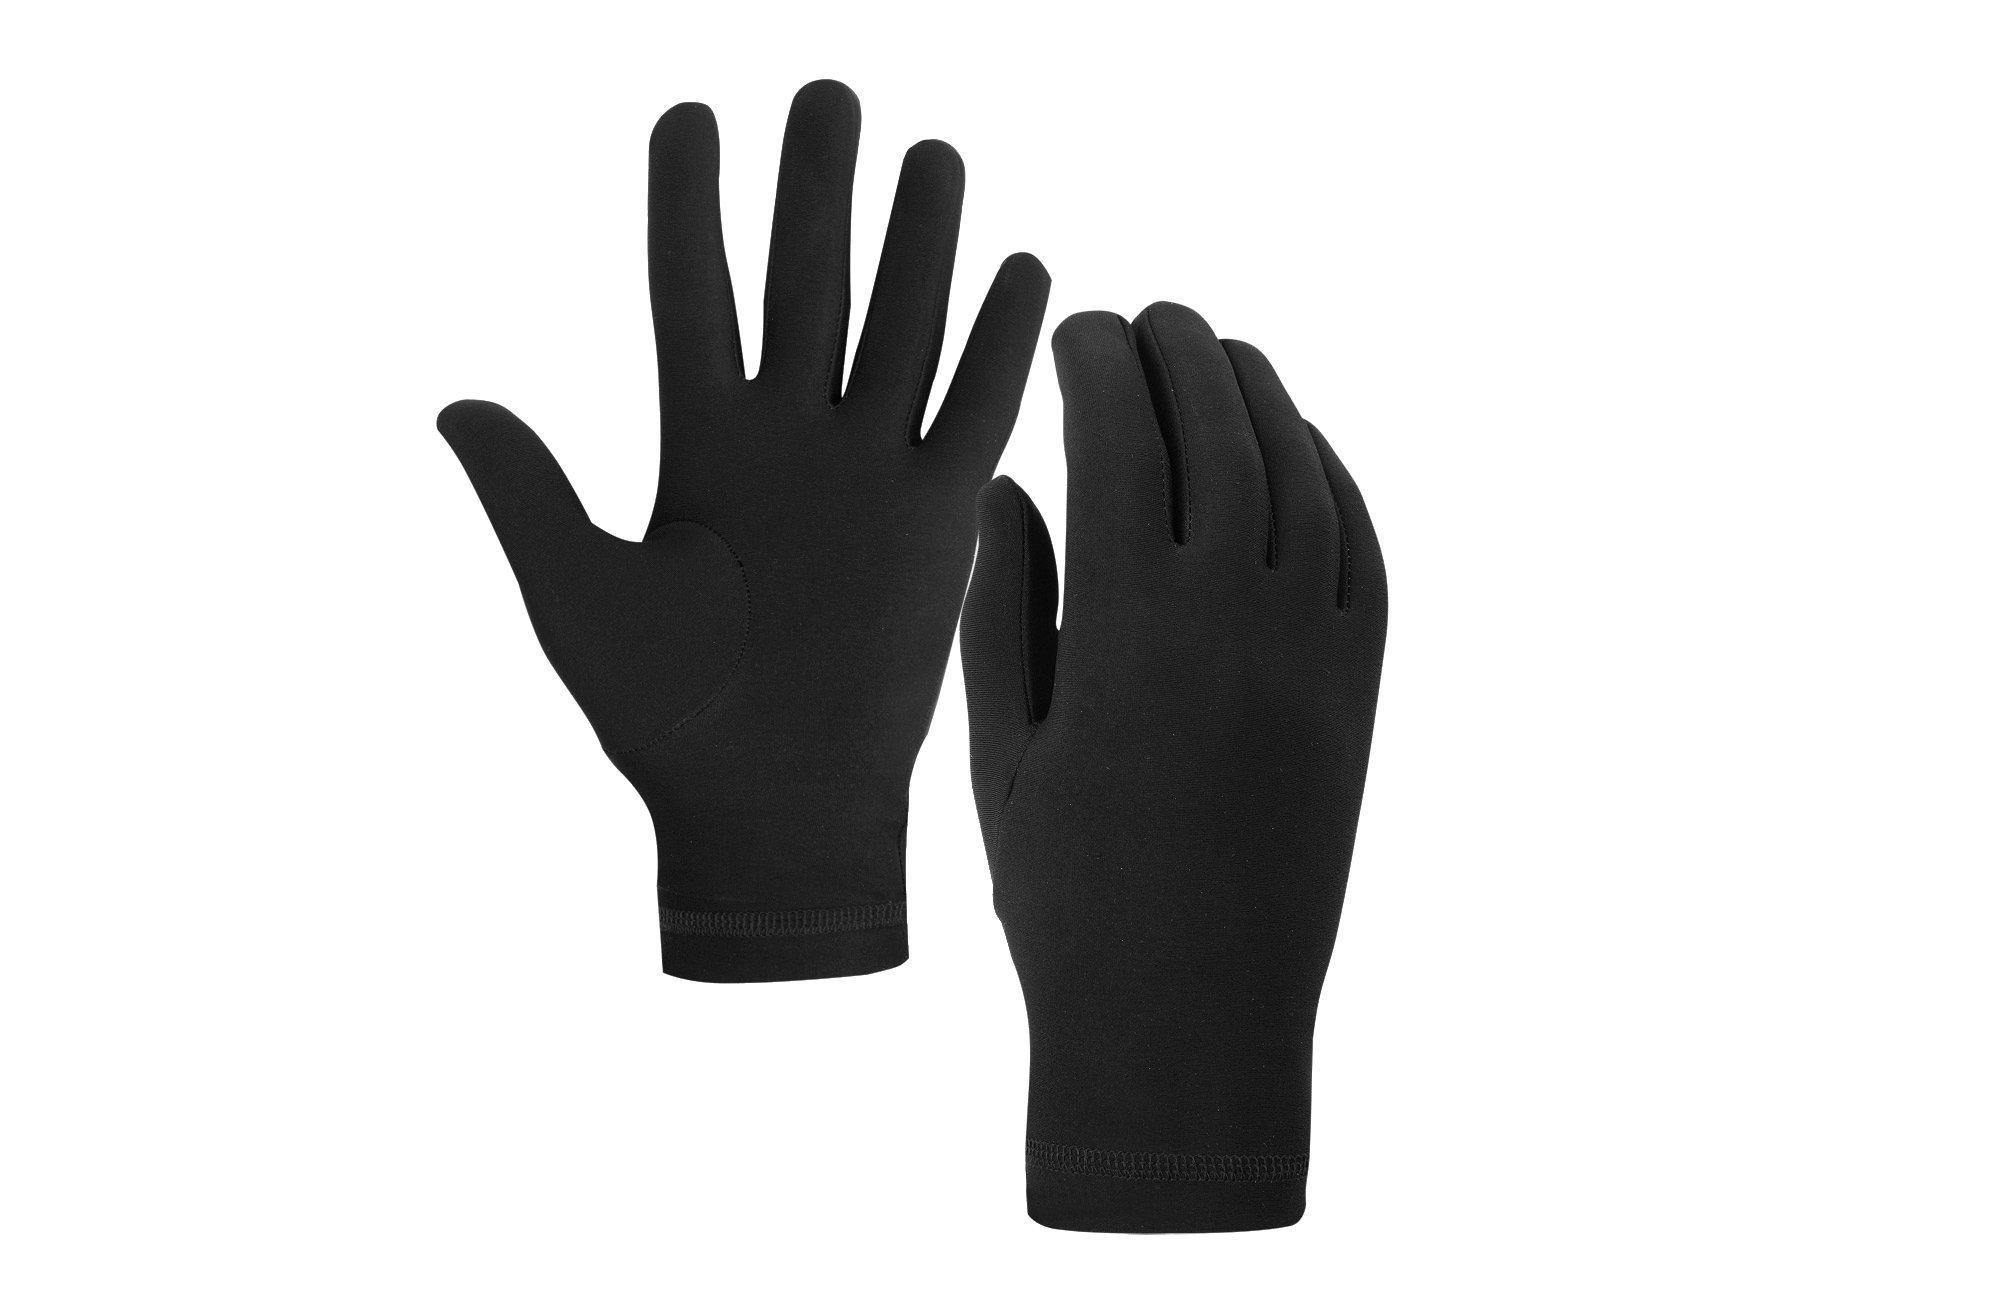 Купить Перчатки IG-627 полноразмерные в интернет магазине велосипедов. Выбрать велосипед. Цены, фото, отзывы